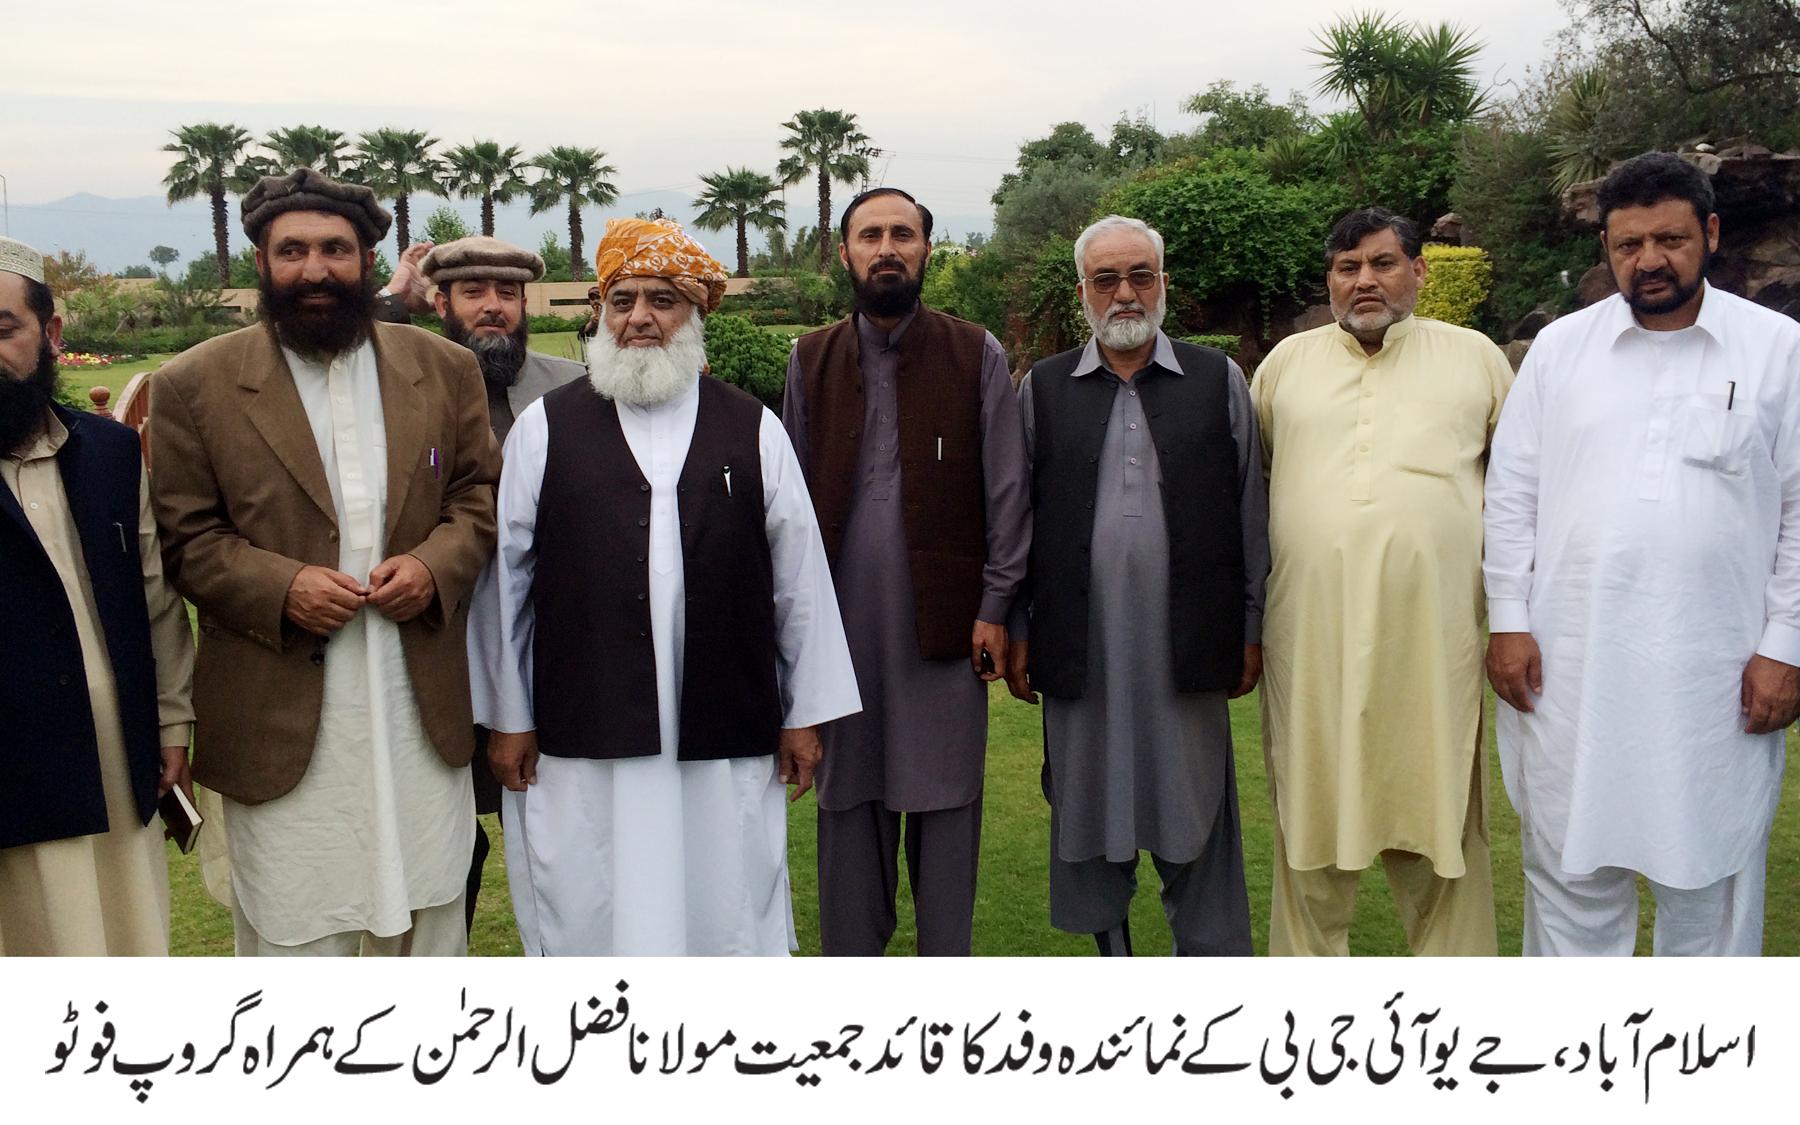 جمعیت علمااسلام کے ۱۲ امیدوار گلگت بلتستان جنرل الیکشن میں حصہ لیں گے